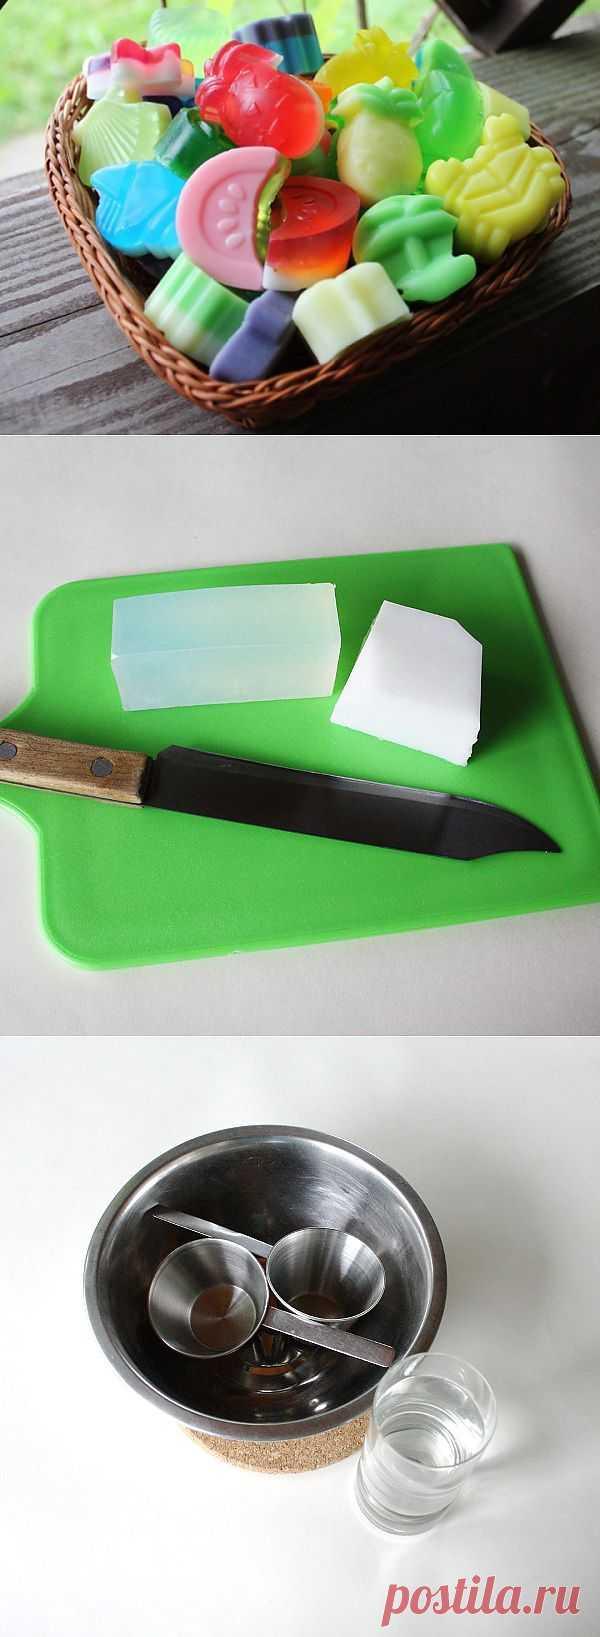 (+1) - «С пользой для тела»: делаем мыло | Хвастуны и хвастушки